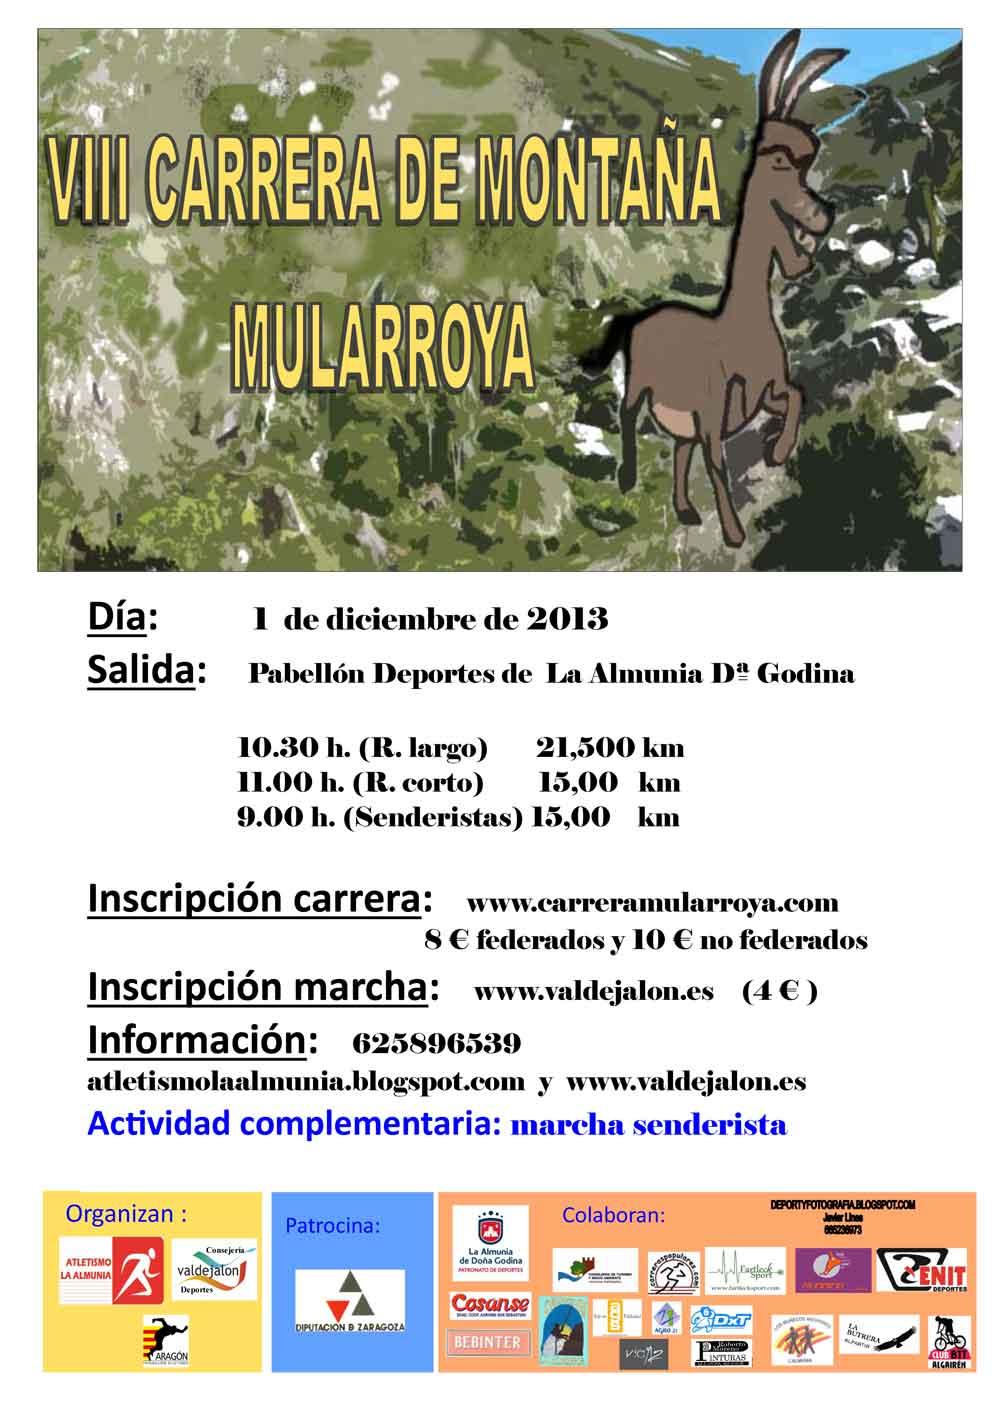 VIII Carrera de Montaña Mularroya - Inscríbete